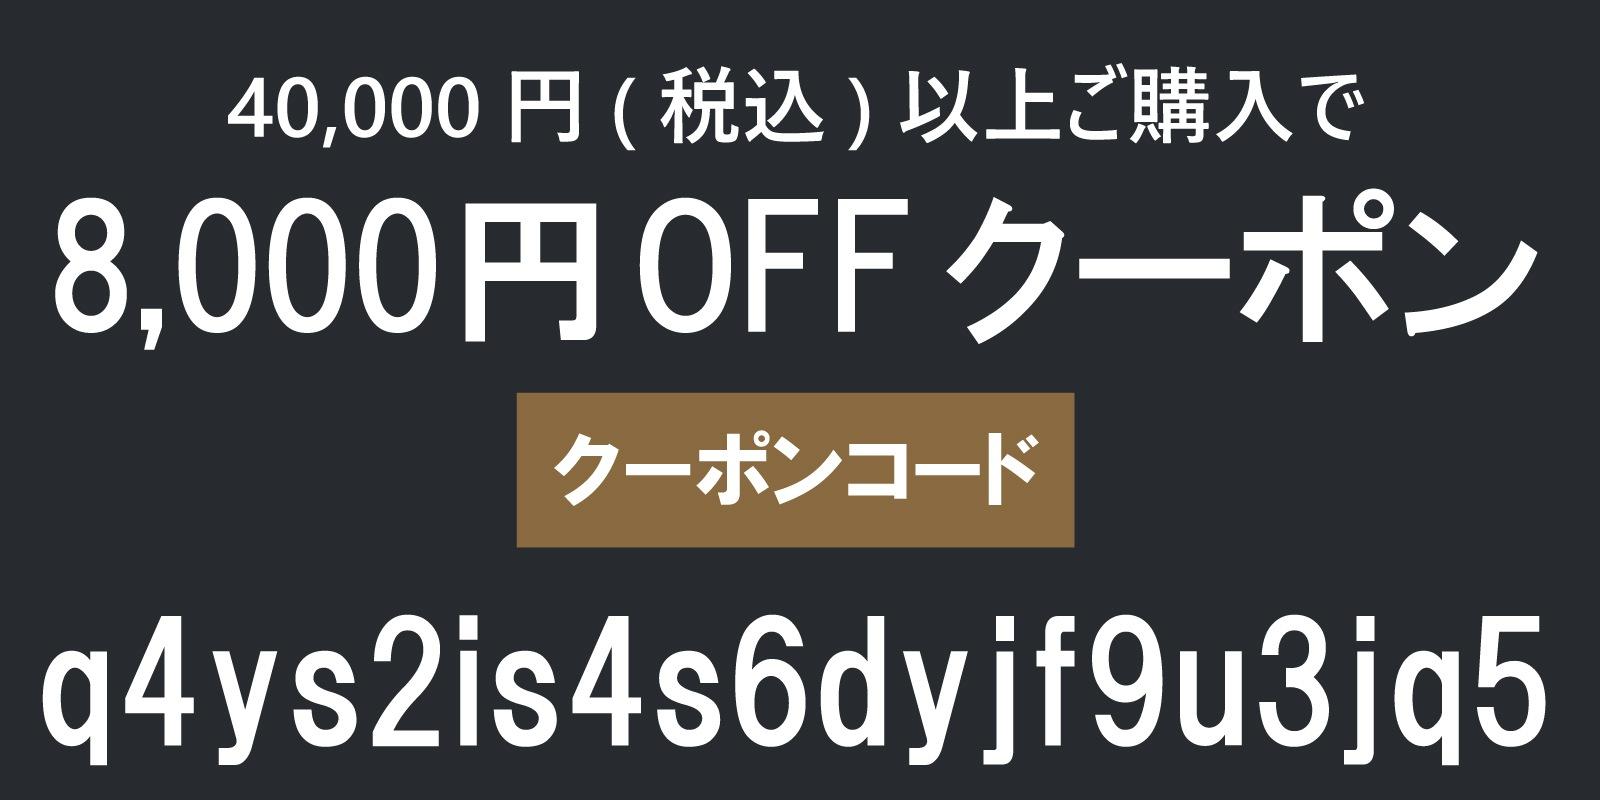 ★4万円以上お買い物に、今すぐクーポンご利用頂けます★【BU6NA7EVR9FP】